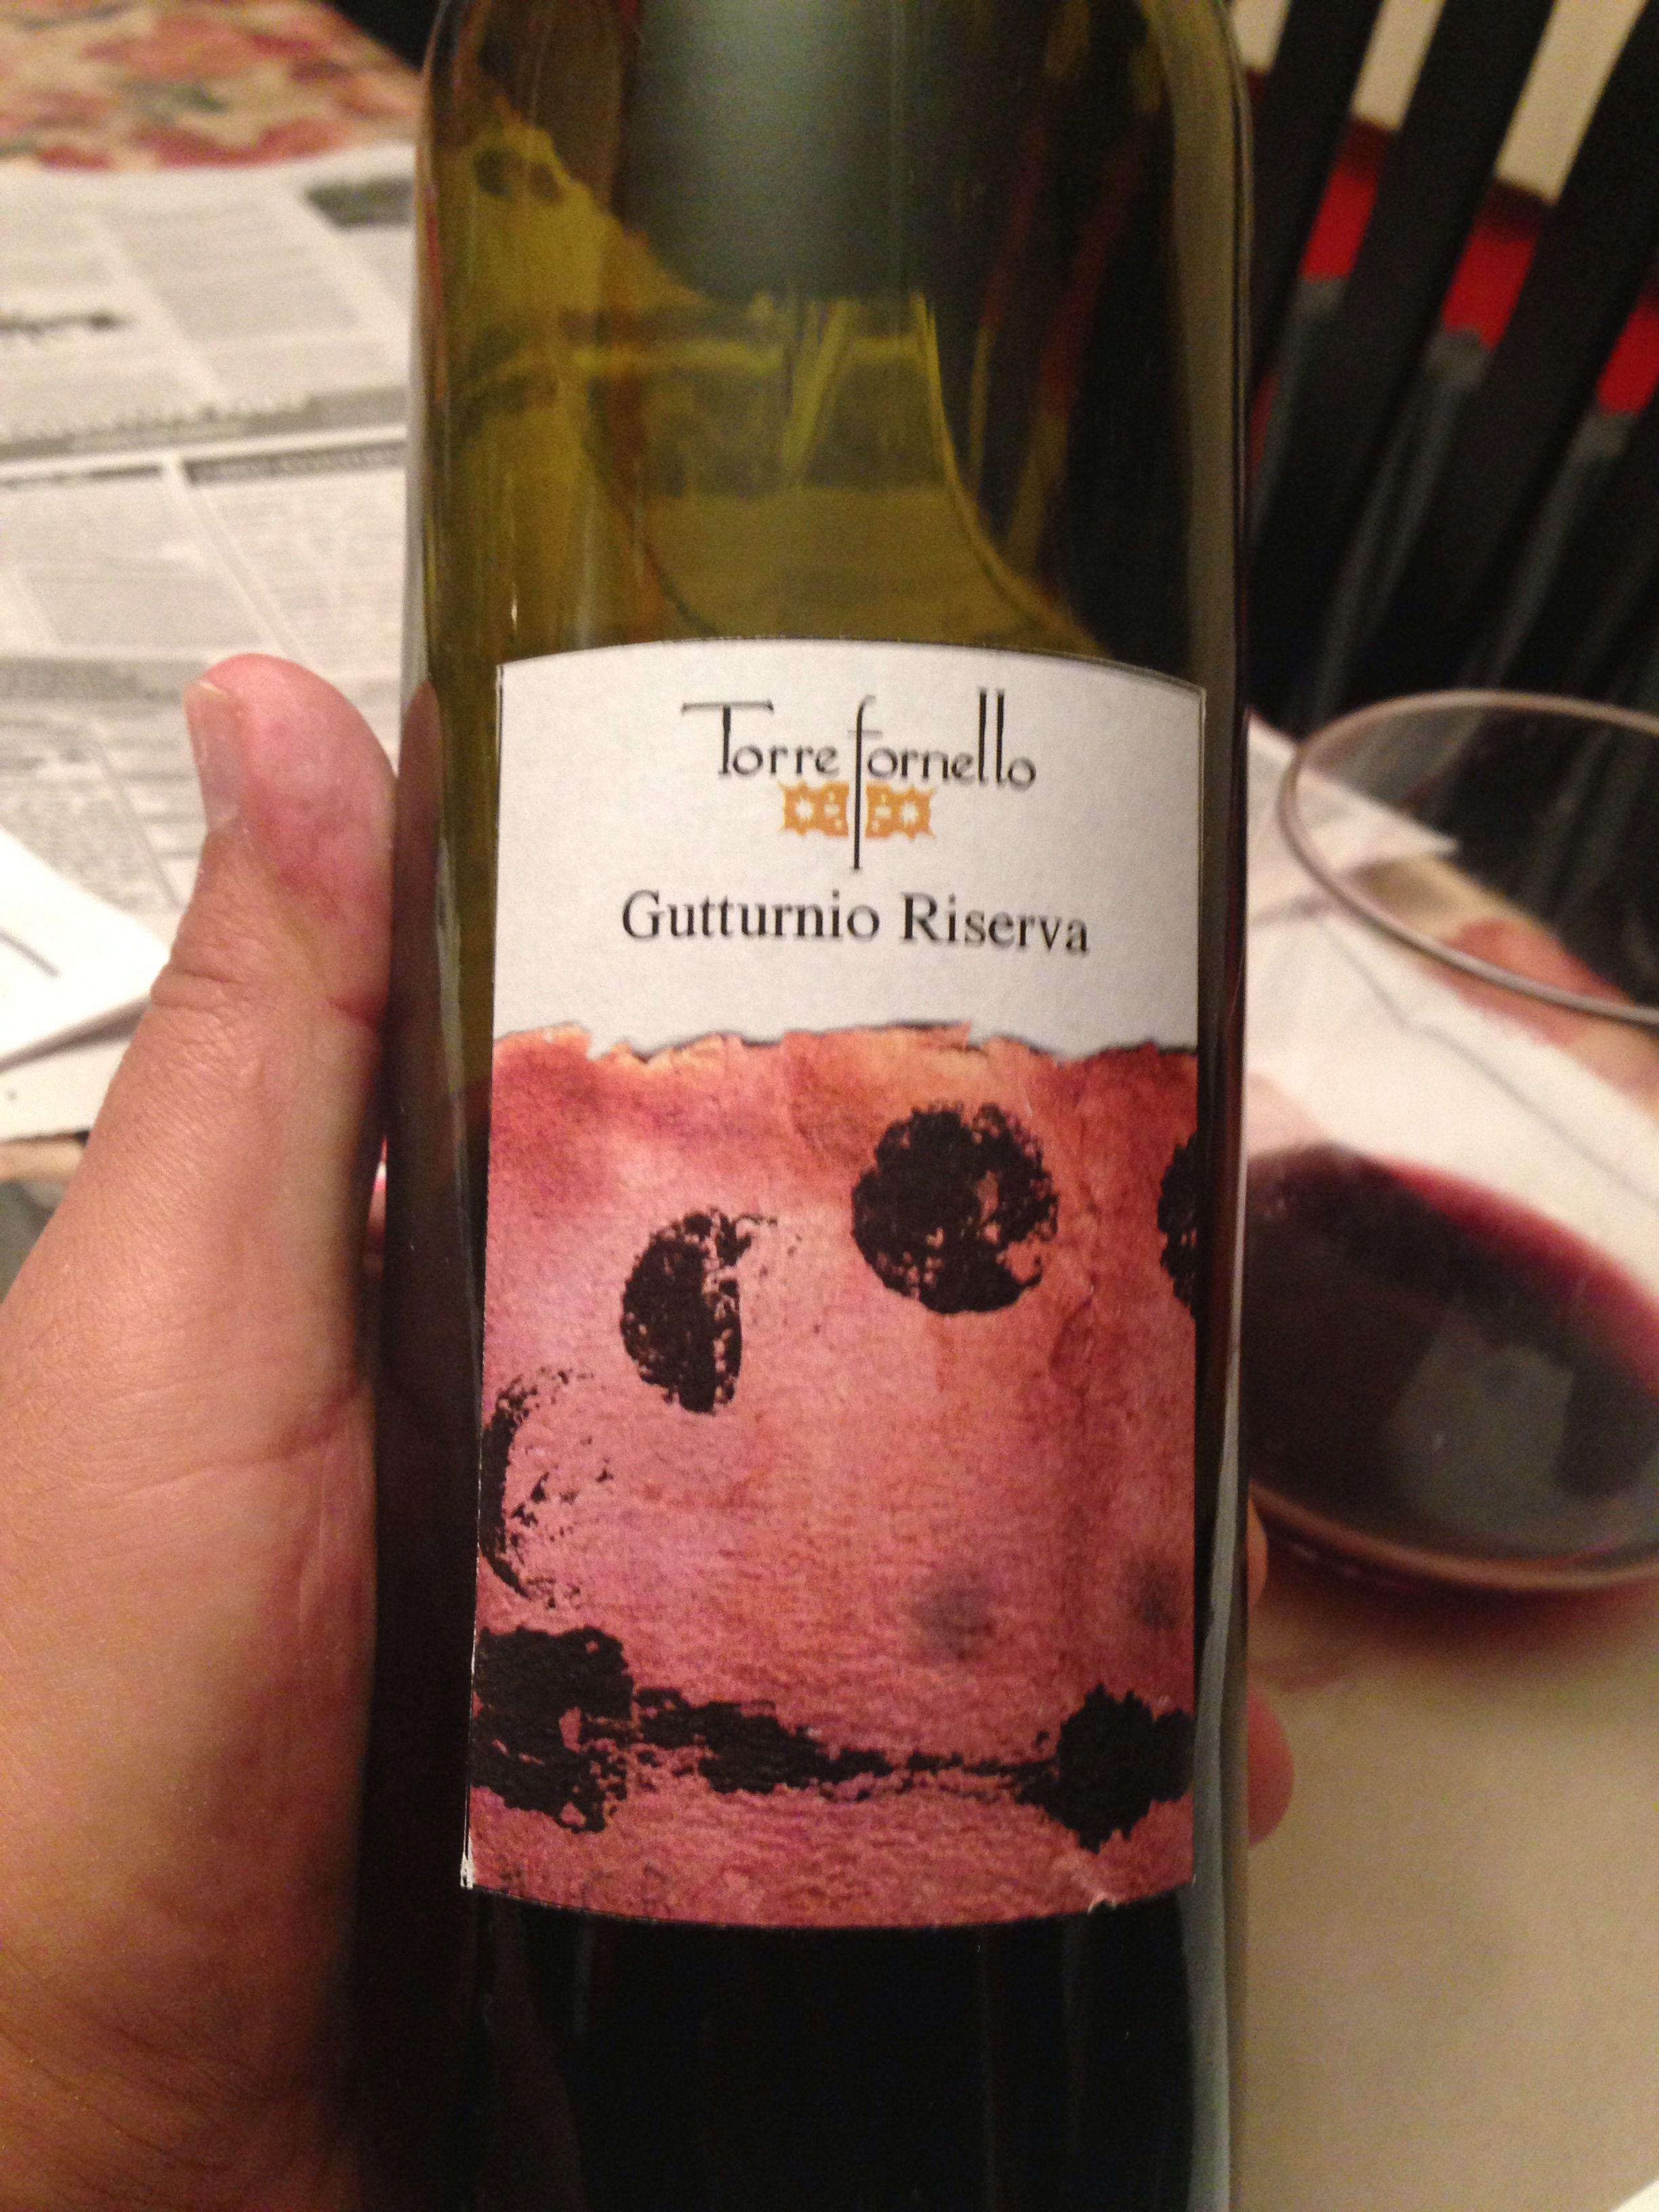 Colli Piacentini Gutturnio Doc Torre Fornello Great Producer Delivers Awesome Juice In This Riserva 2006 A Blend Of Barbera And Bonarda Fornello Liquori Vino